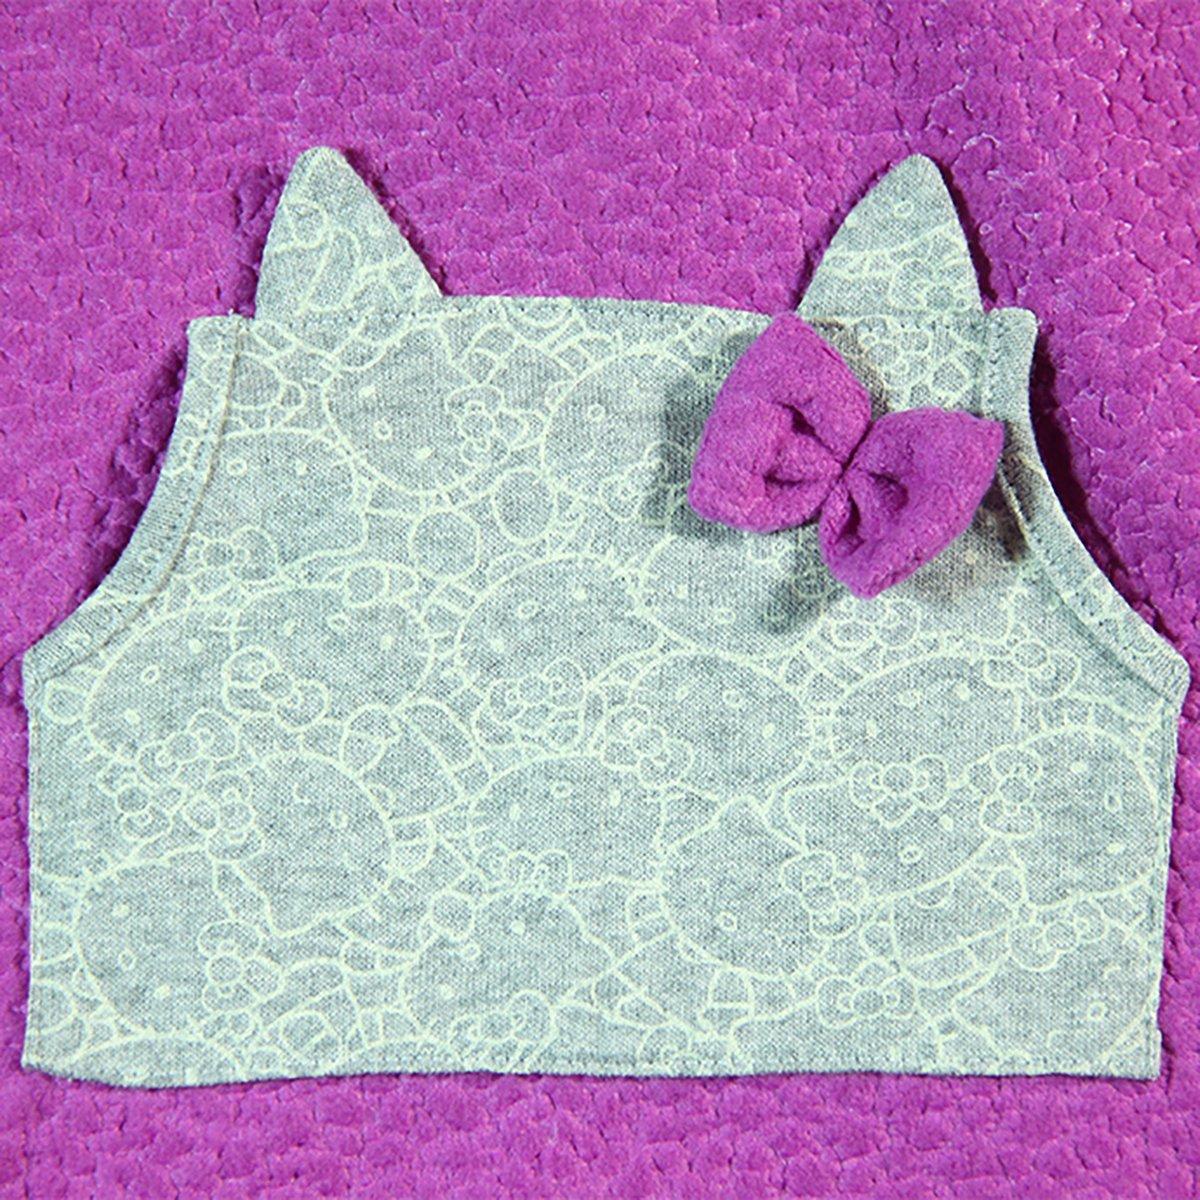 džepić kitten roze tunike